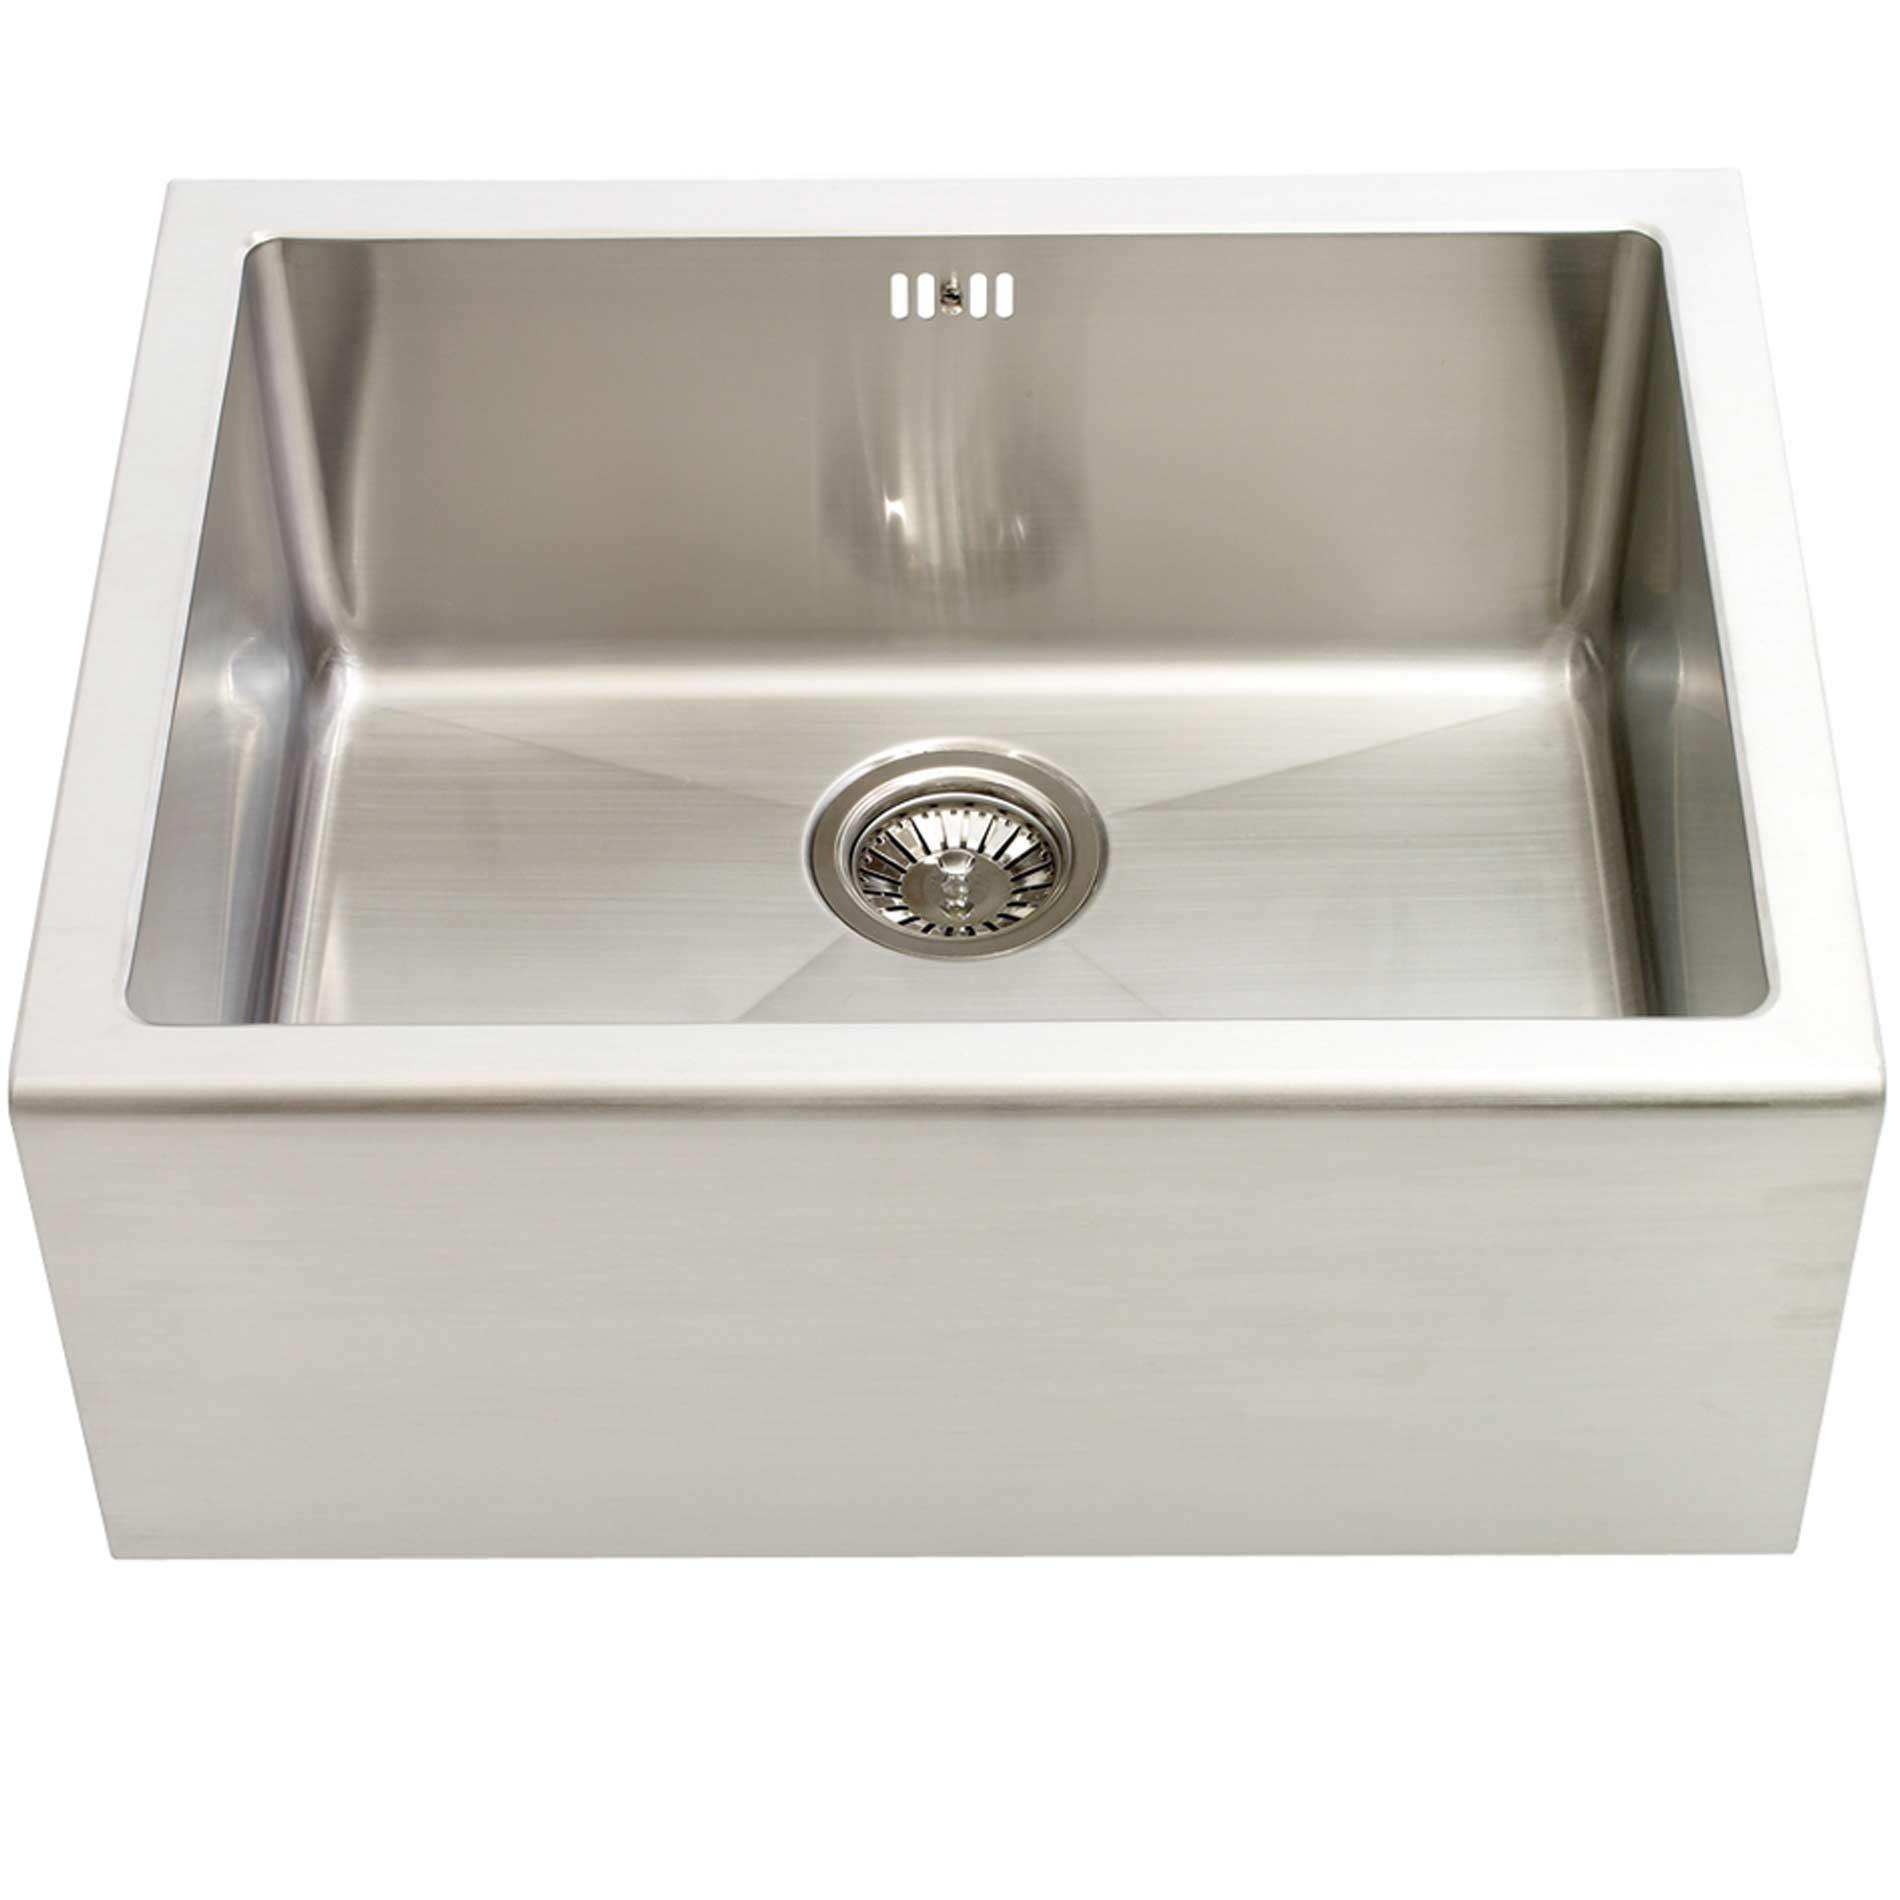 Astracast: Stainless Steel Belfast Sink - Kitchen Sinks & Taps